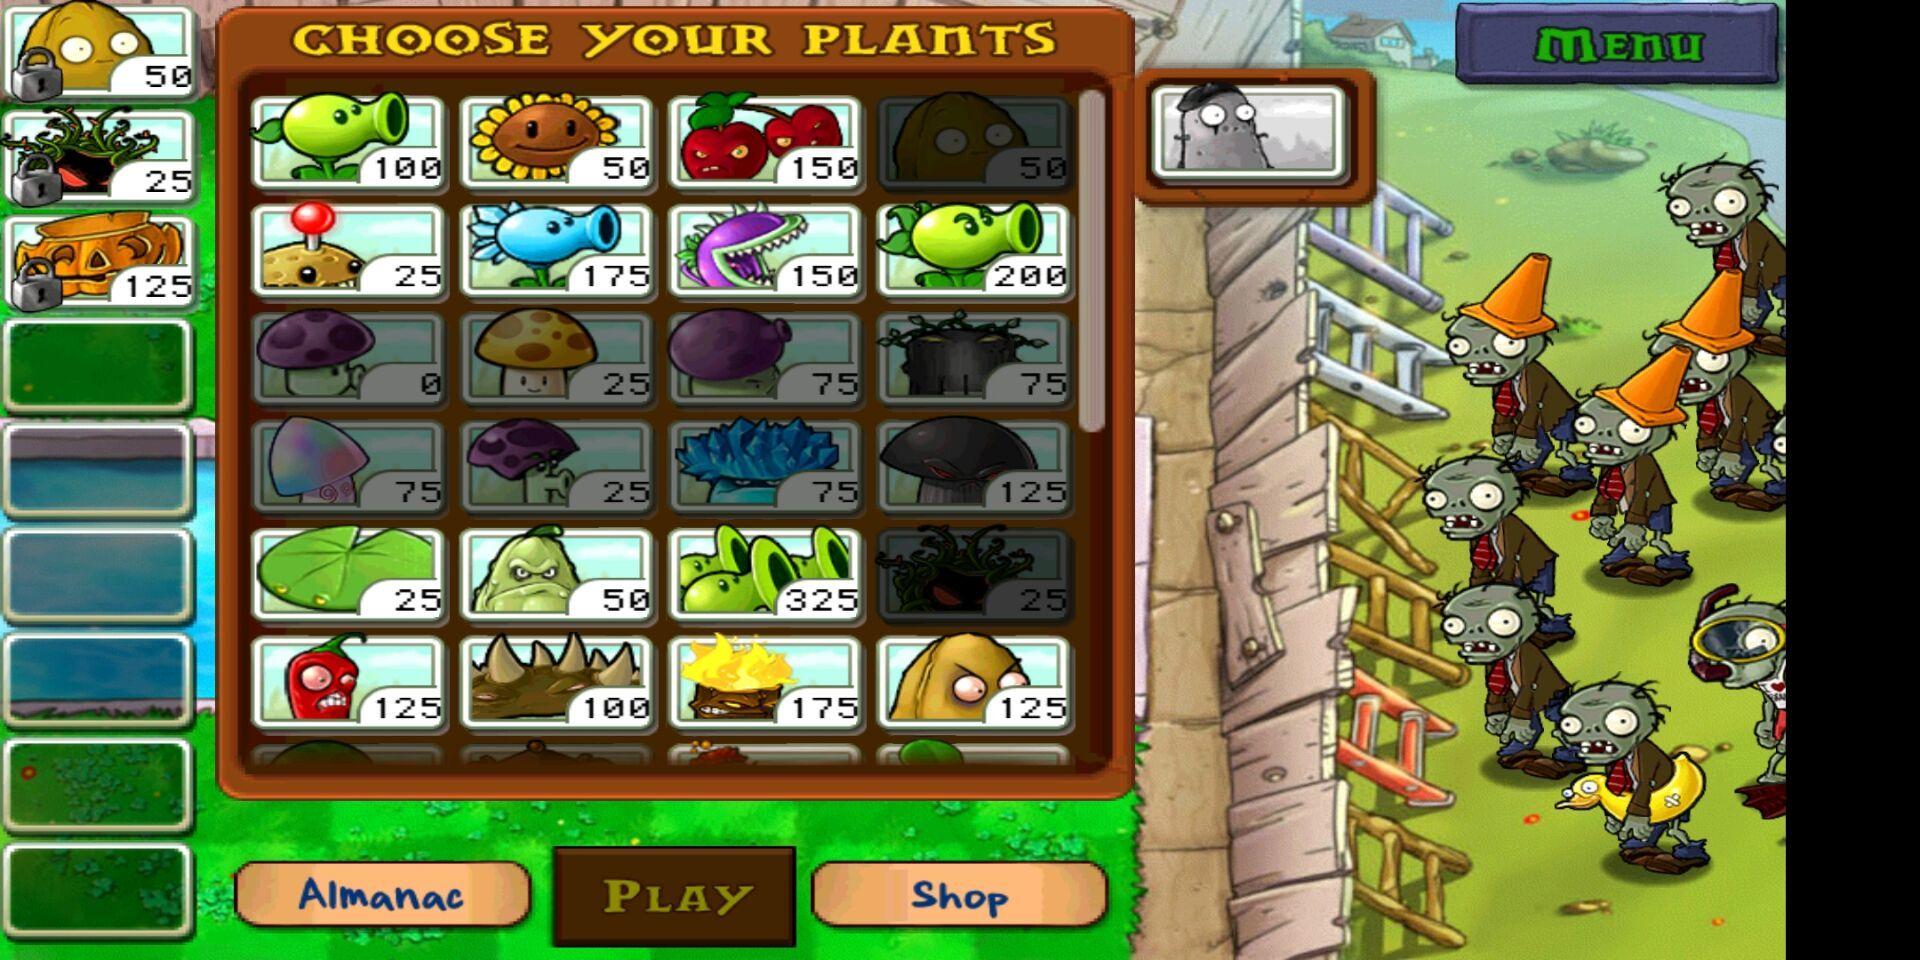 植物大战僵尸1悬浮窗修改器